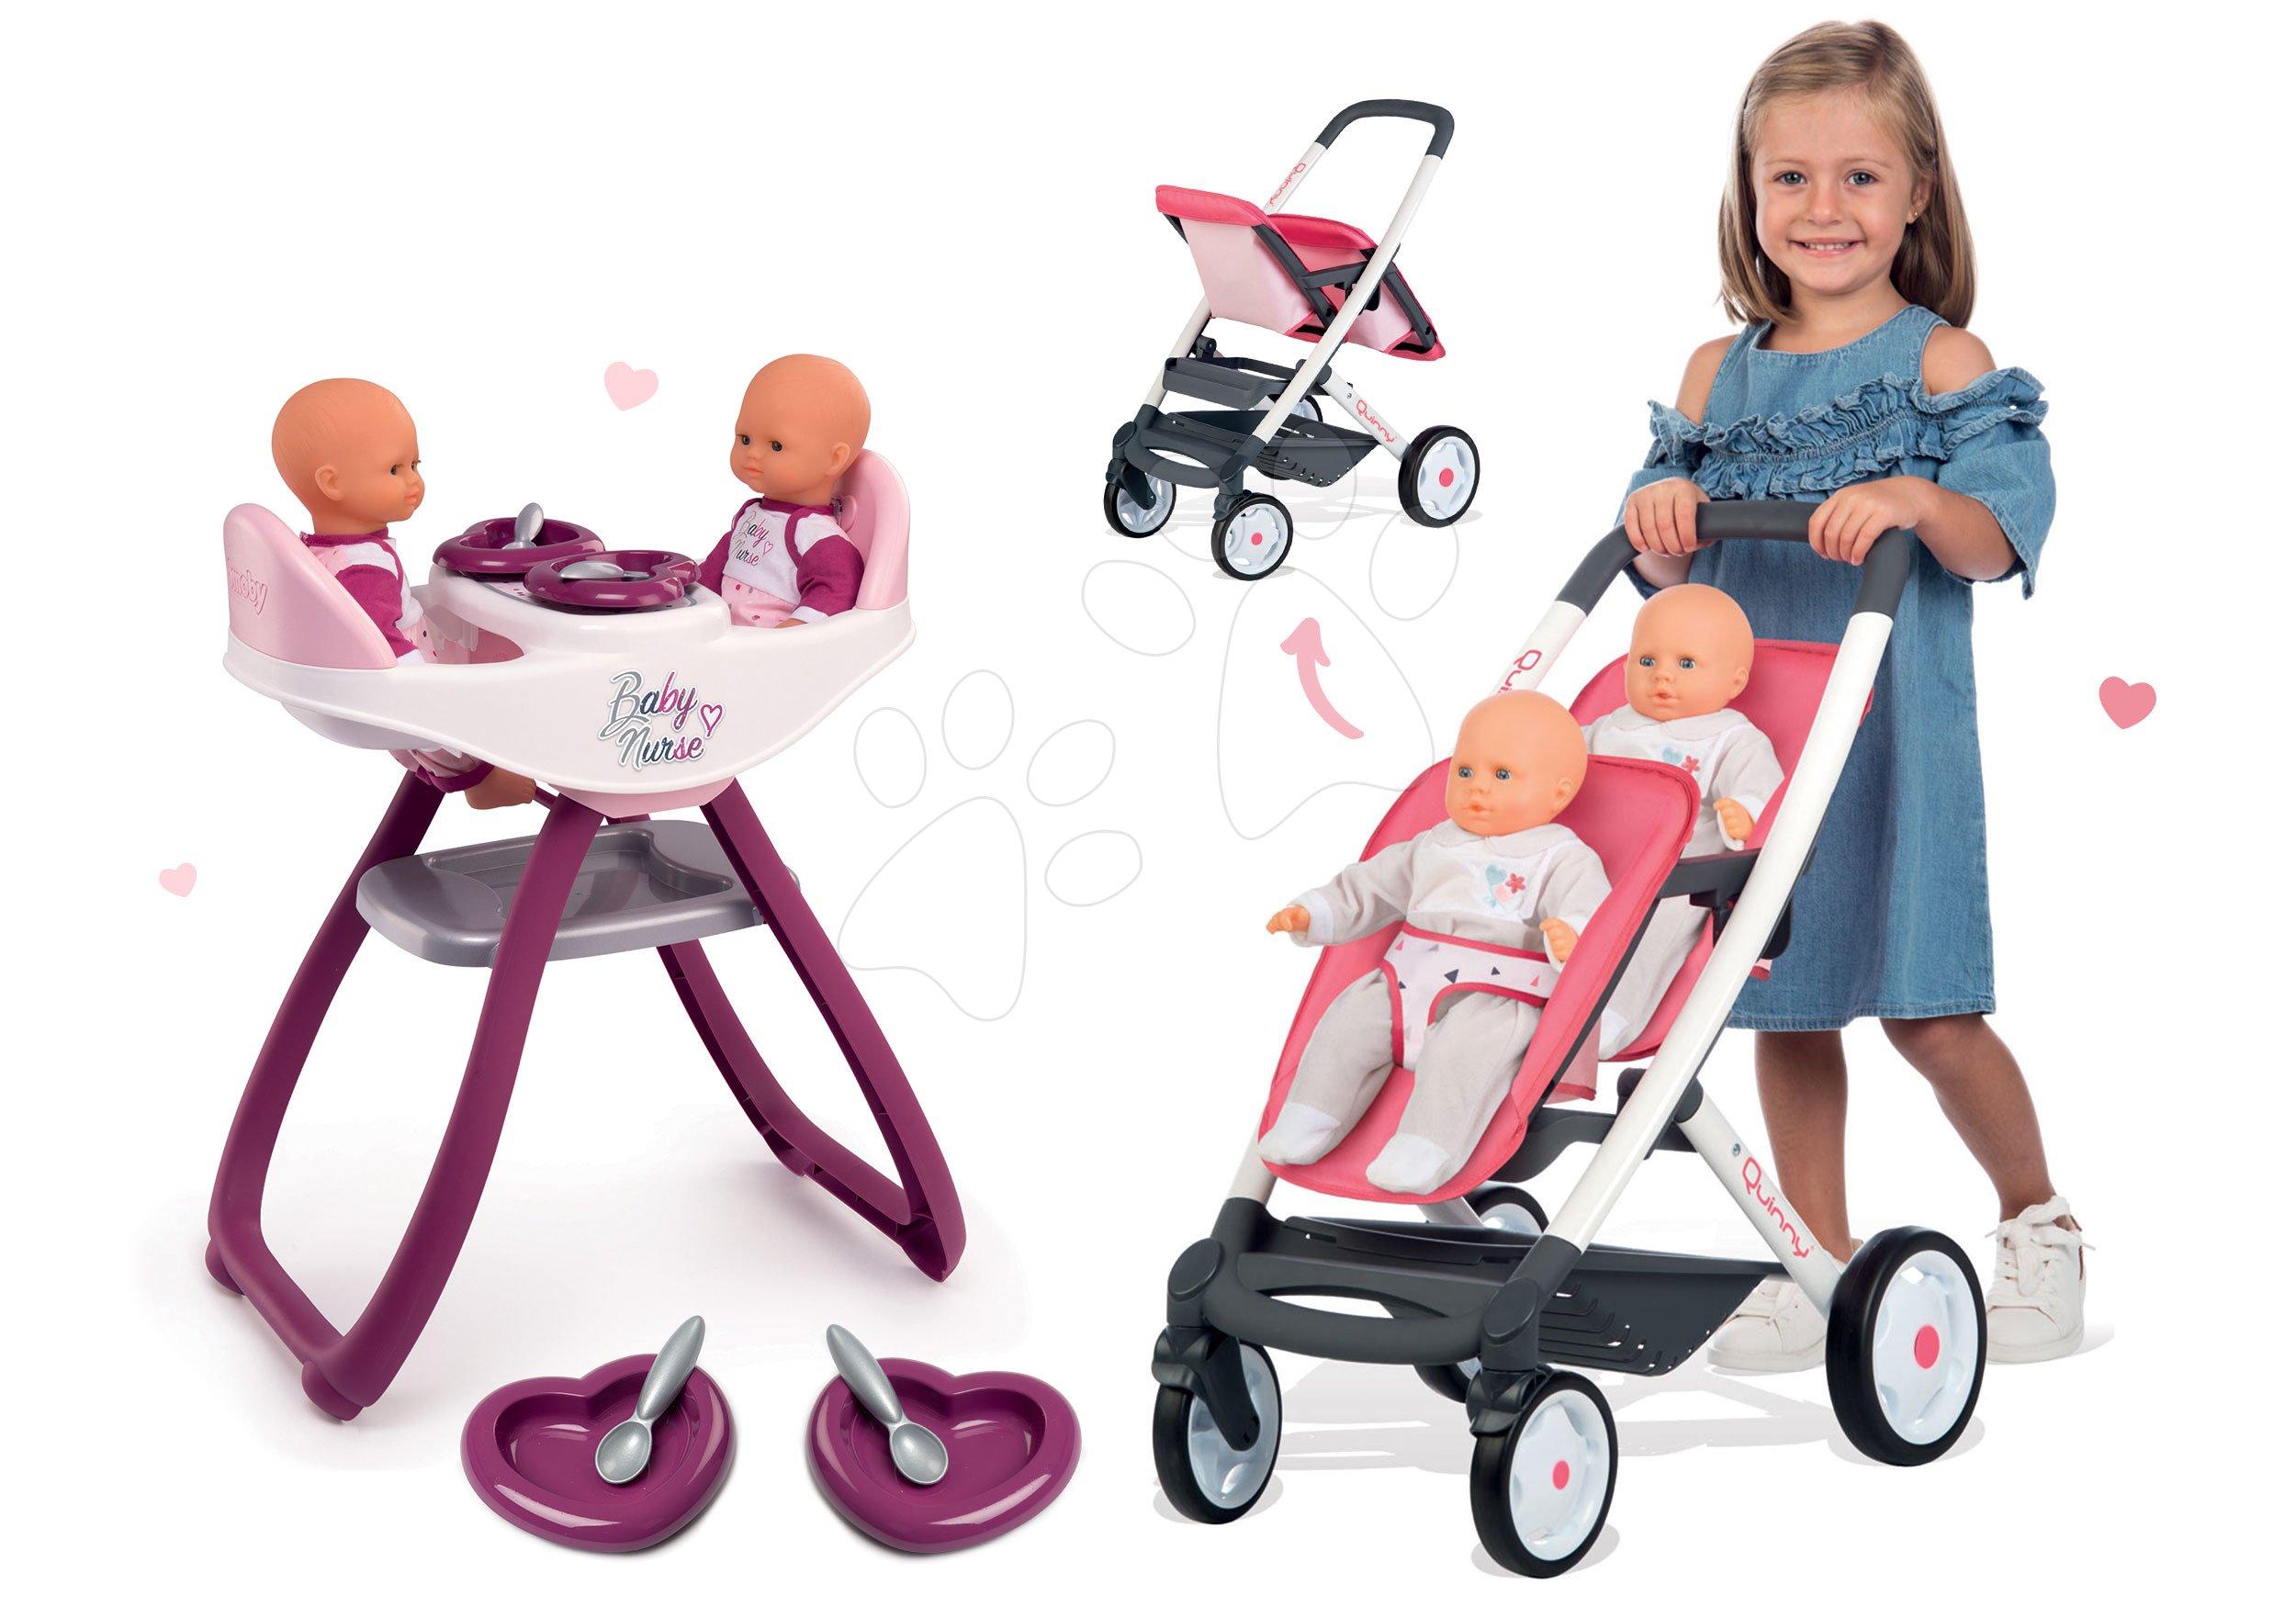 Set scaun de masă și leagăn pentru păpuși gemene Violette Baby Nurse Smoby și cărucior sport Maxi Cosy pentru două păpuși de jucărie